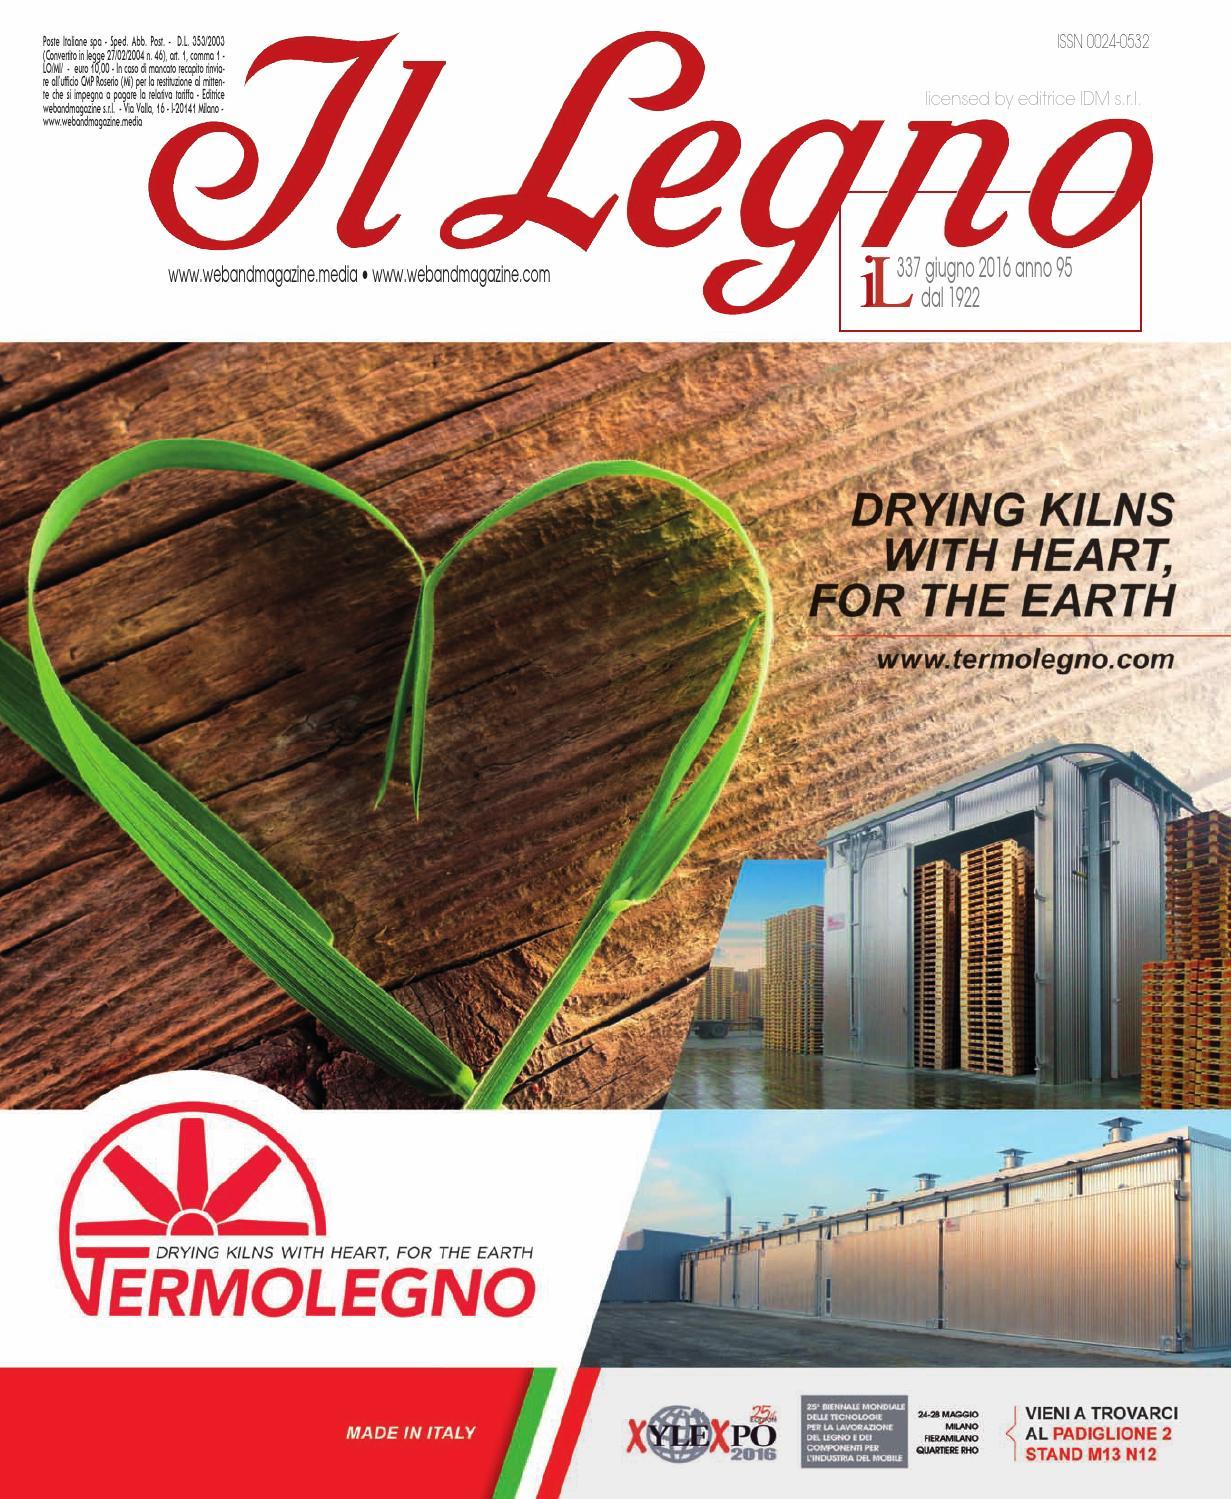 Mobilifici Italiani Elenco Fabbriche Mobili In Italia.Illegno Giugno 2016 By Web And Magazine S R L Issuu